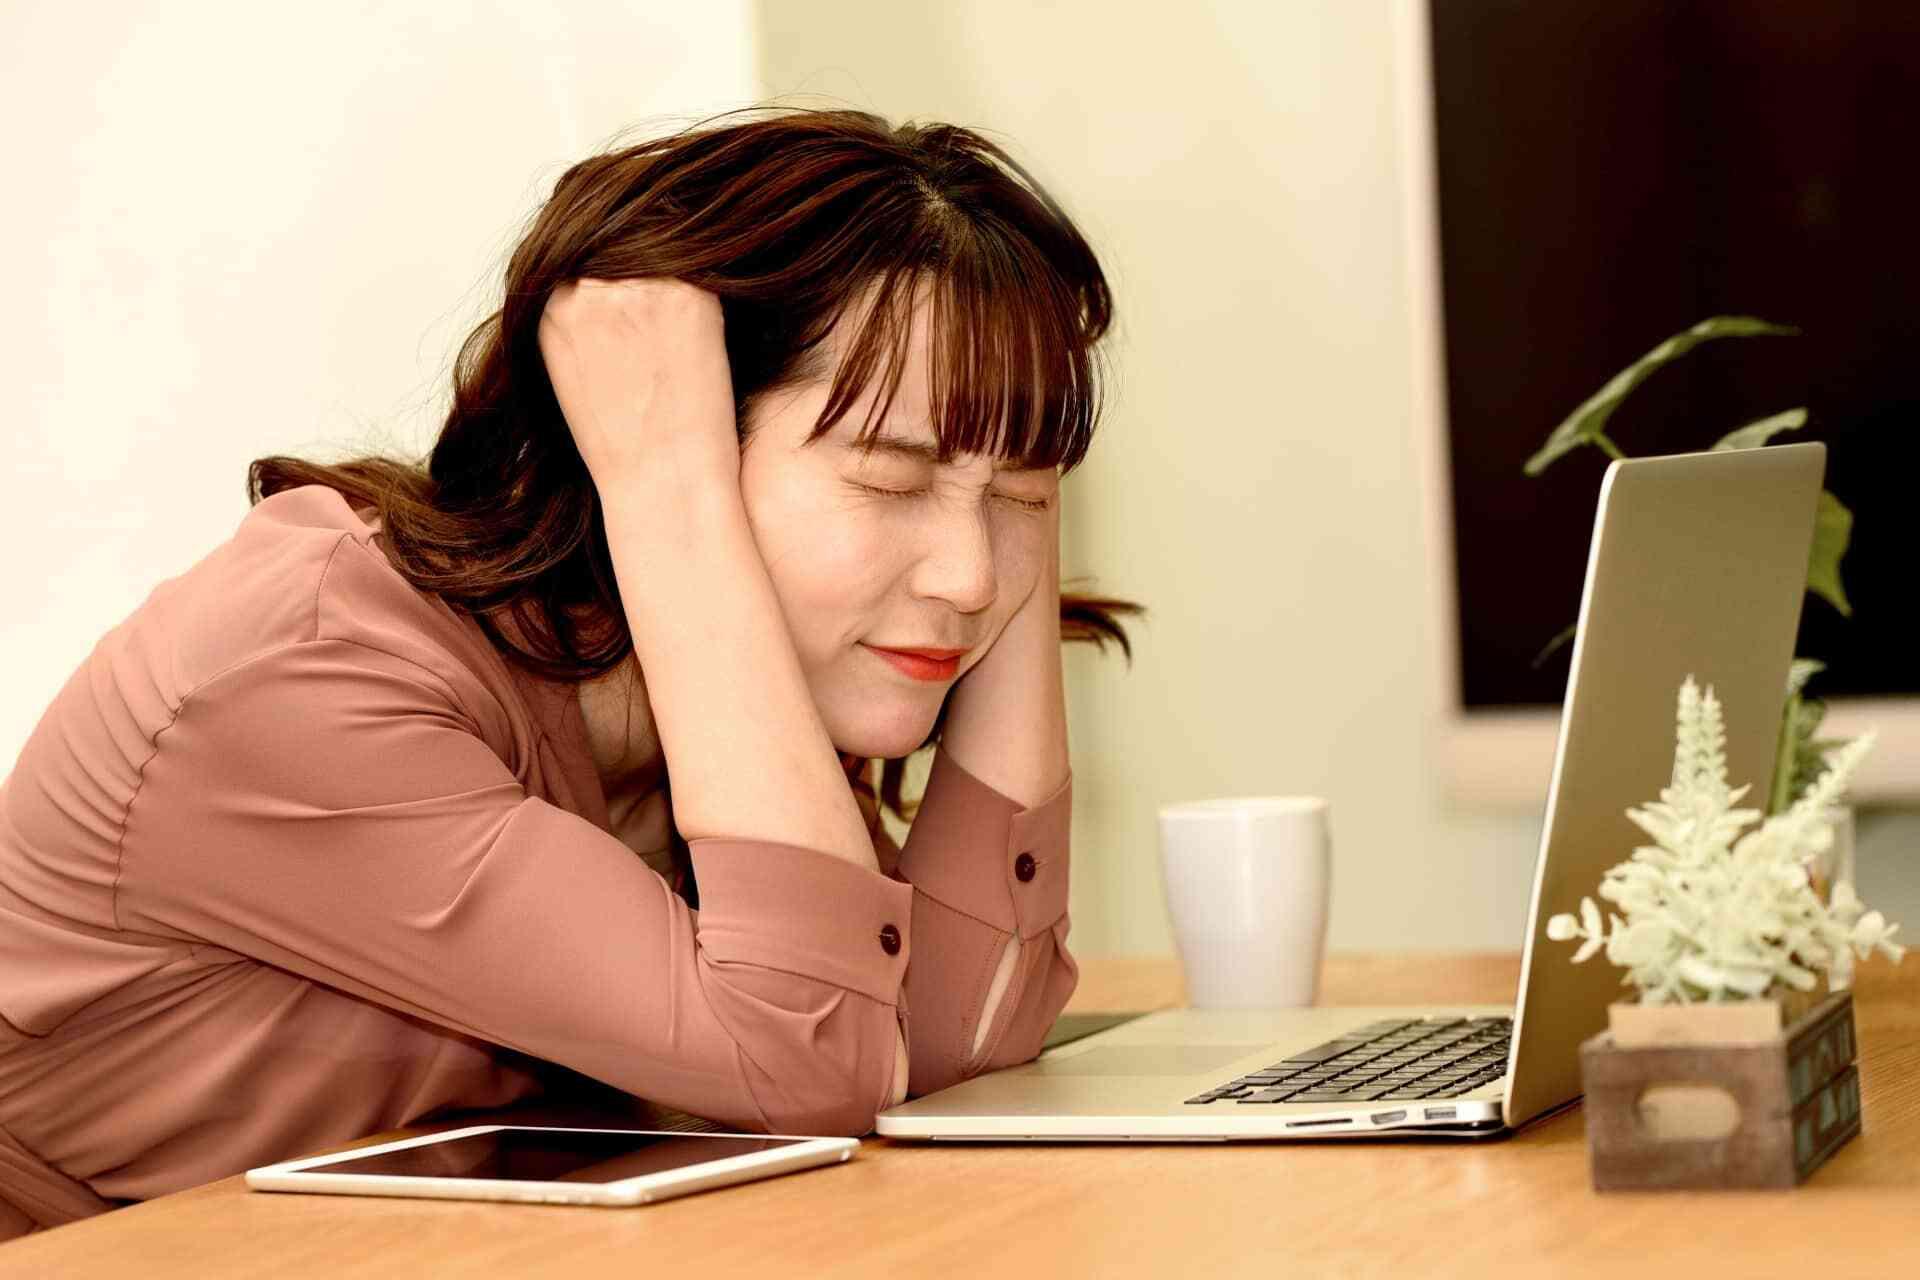 【就活生向け】やりたいことを見つけて企業から内定をもらう方法とは